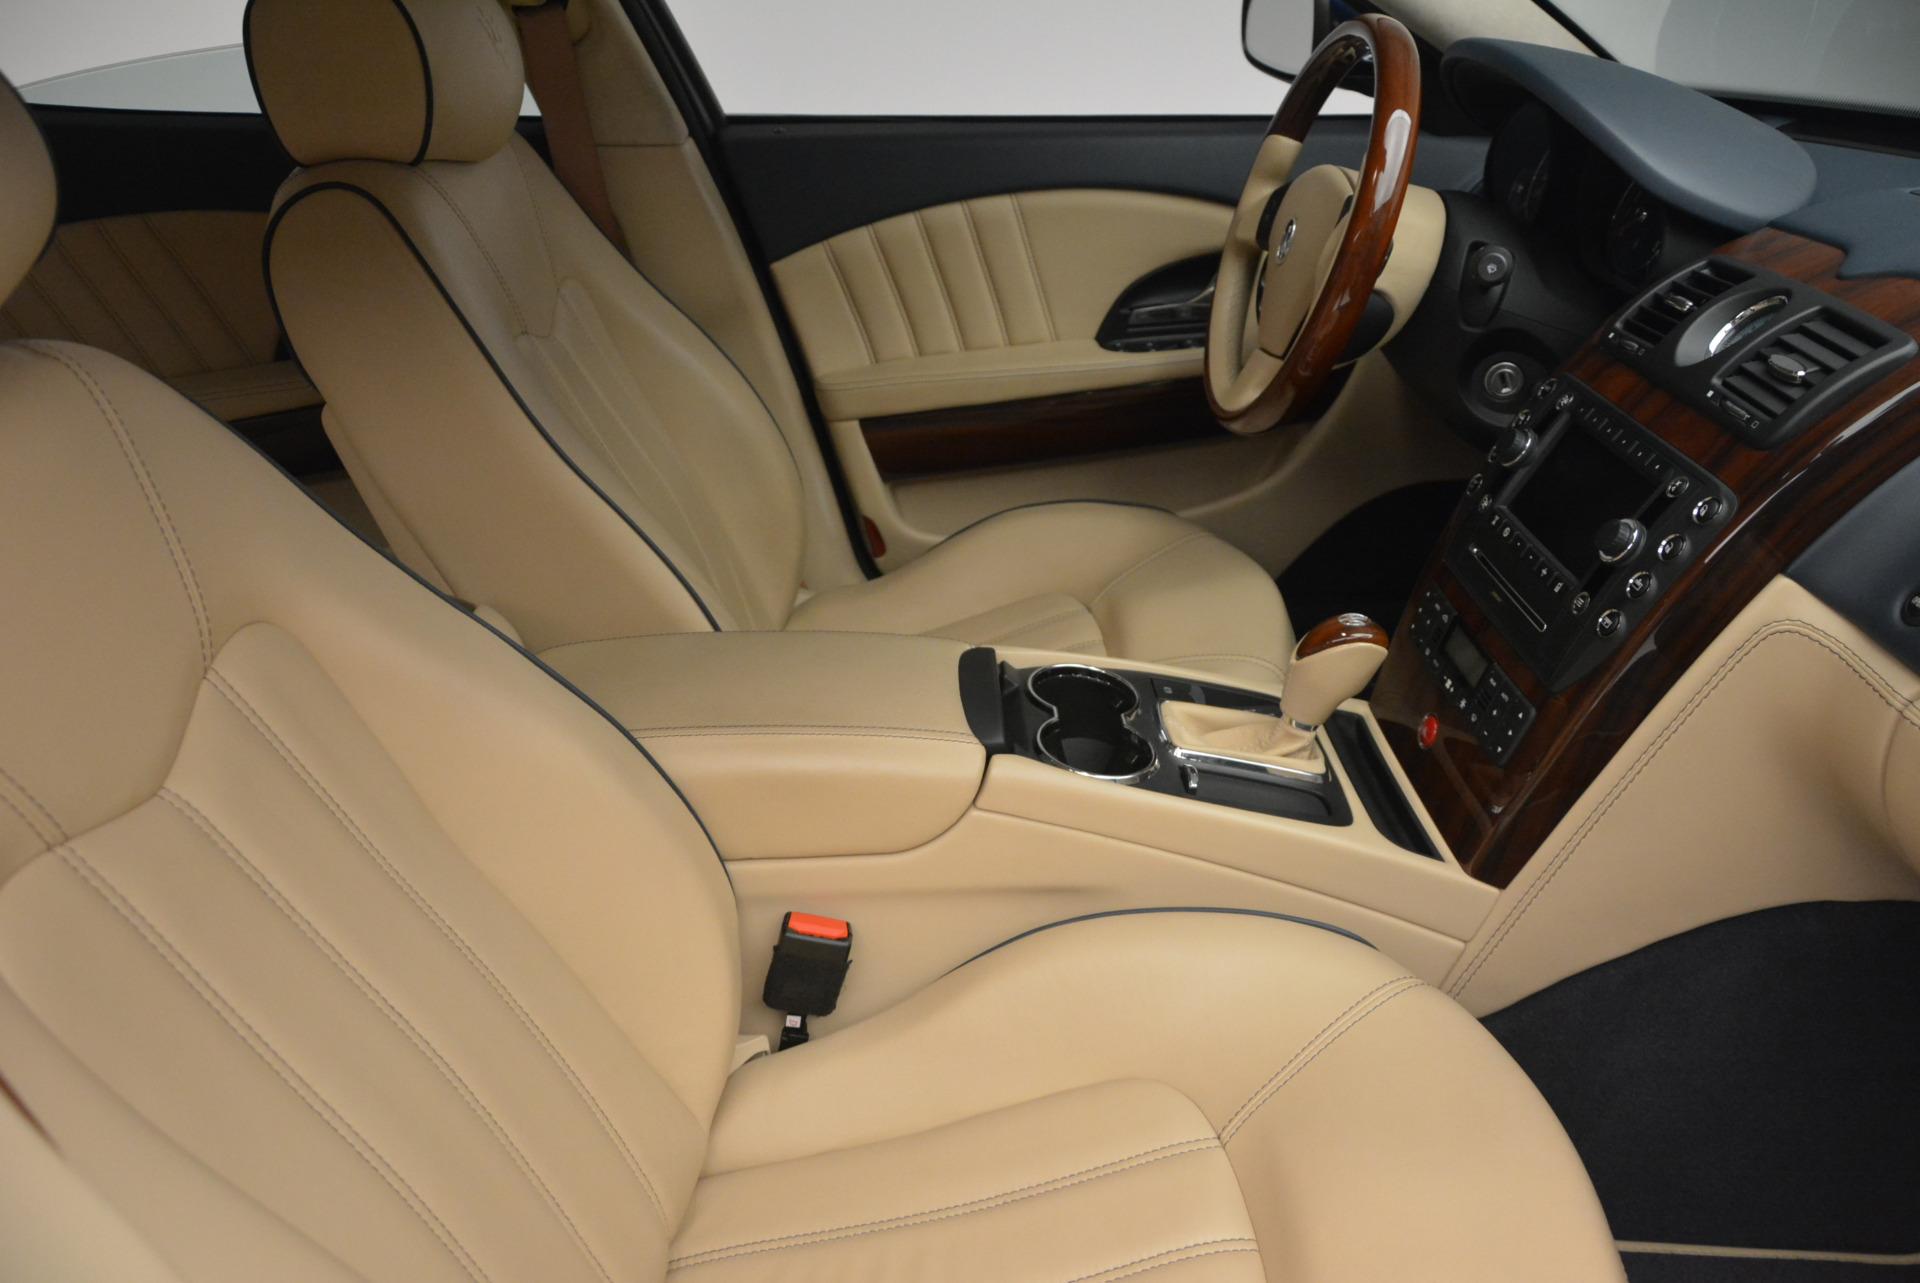 Used 2010 Maserati Quattroporte S For Sale In Greenwich, CT. Alfa Romeo of Greenwich, 1267 795_p18